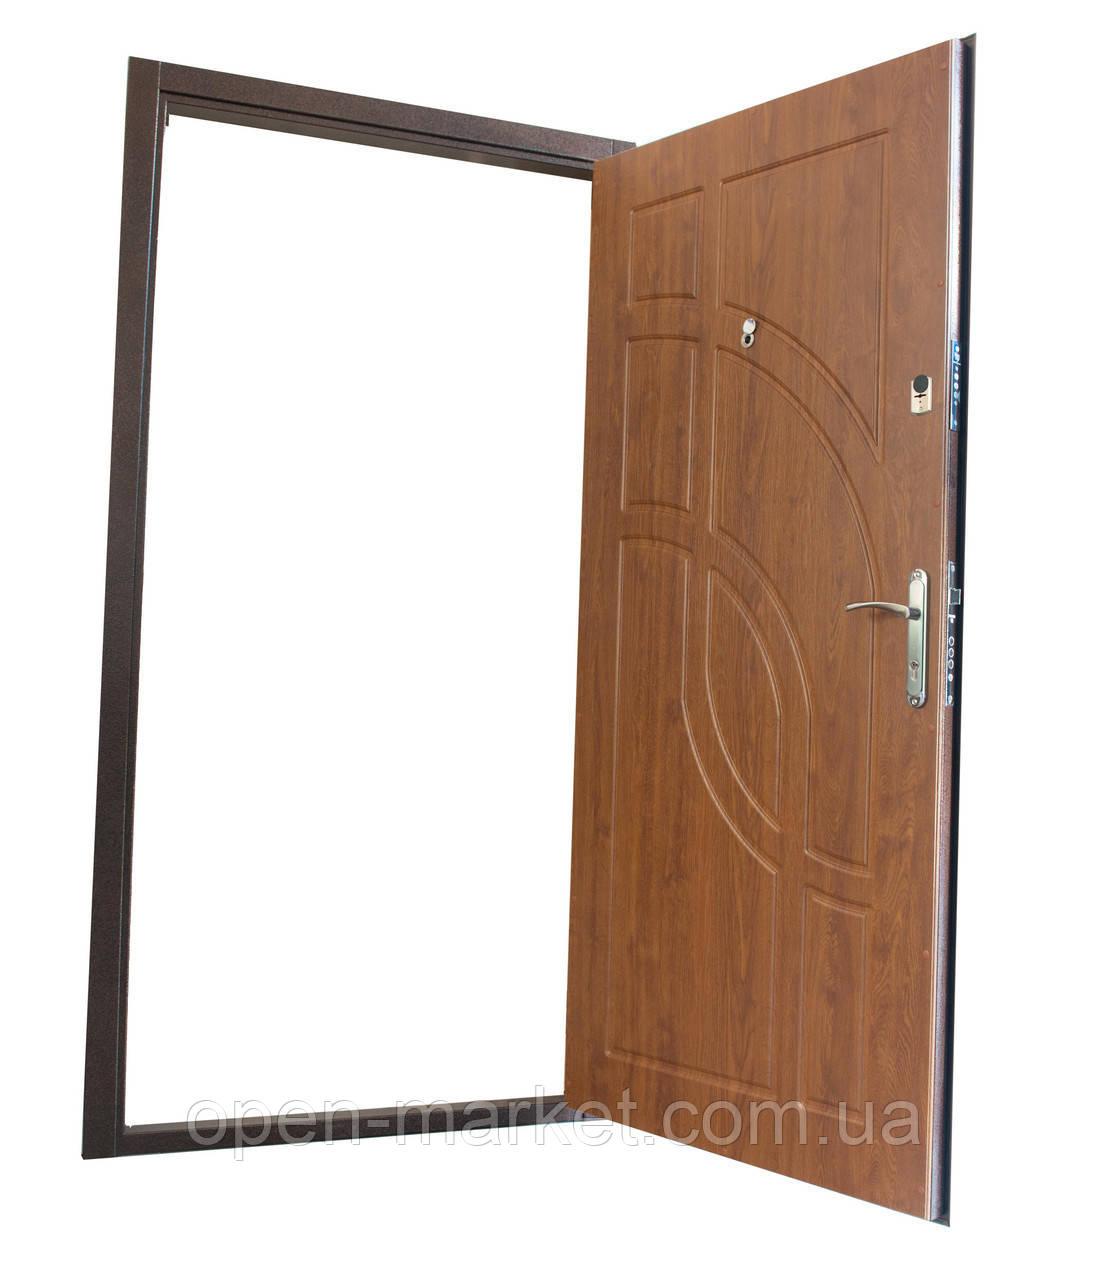 Двери уличные поселок Луч Николаевская область